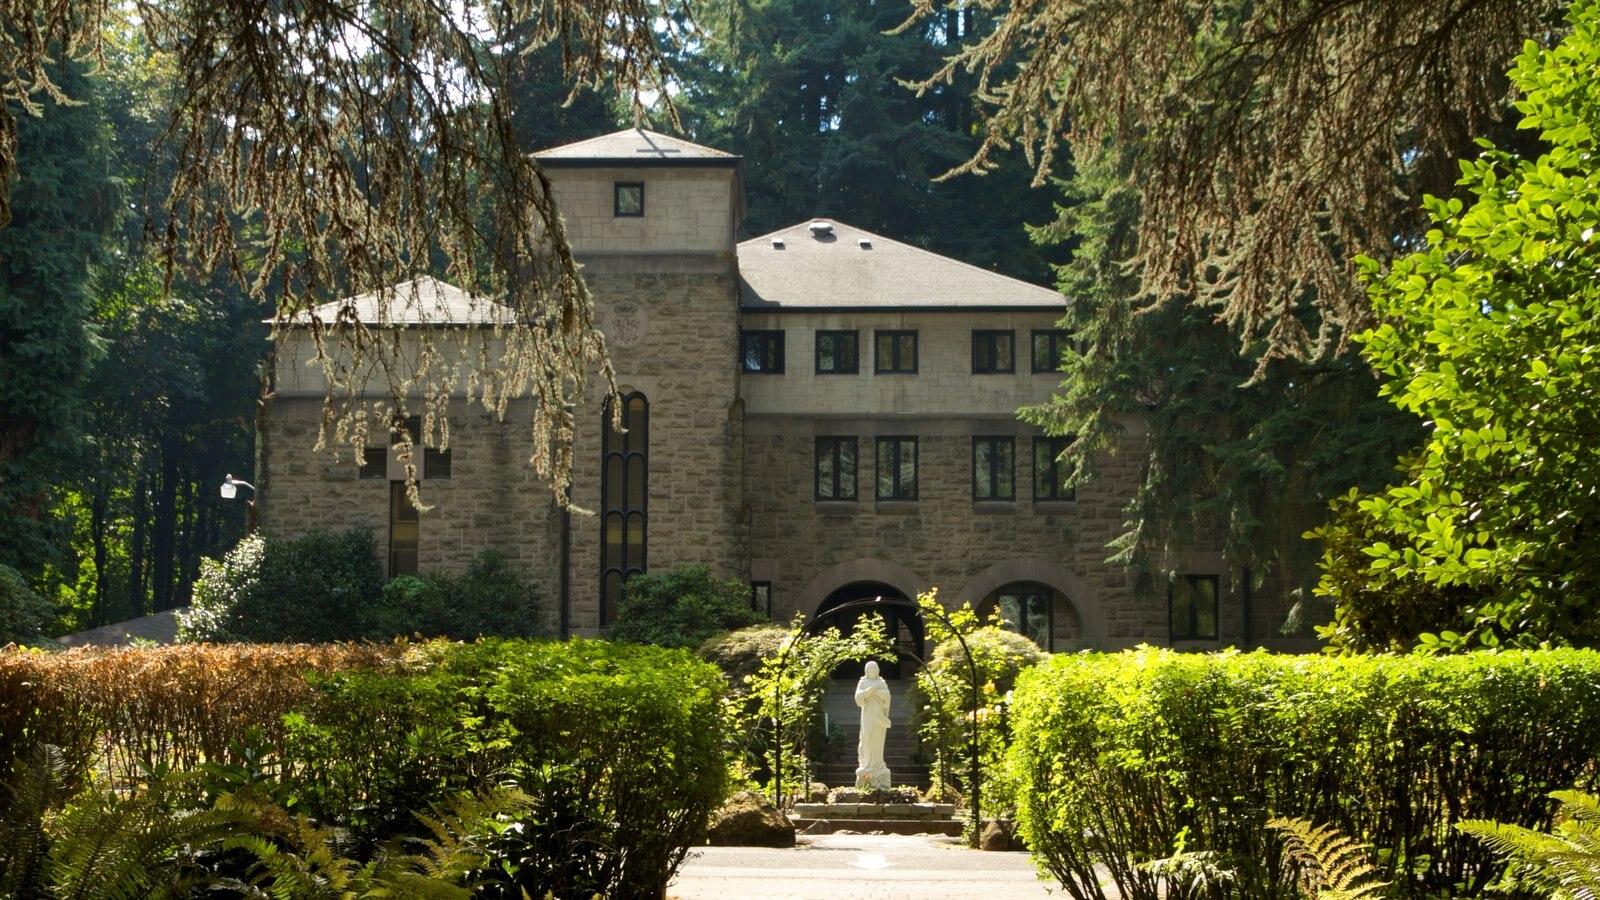 Grotto que incluye una casa, un parque y patrimonio de arquitectura